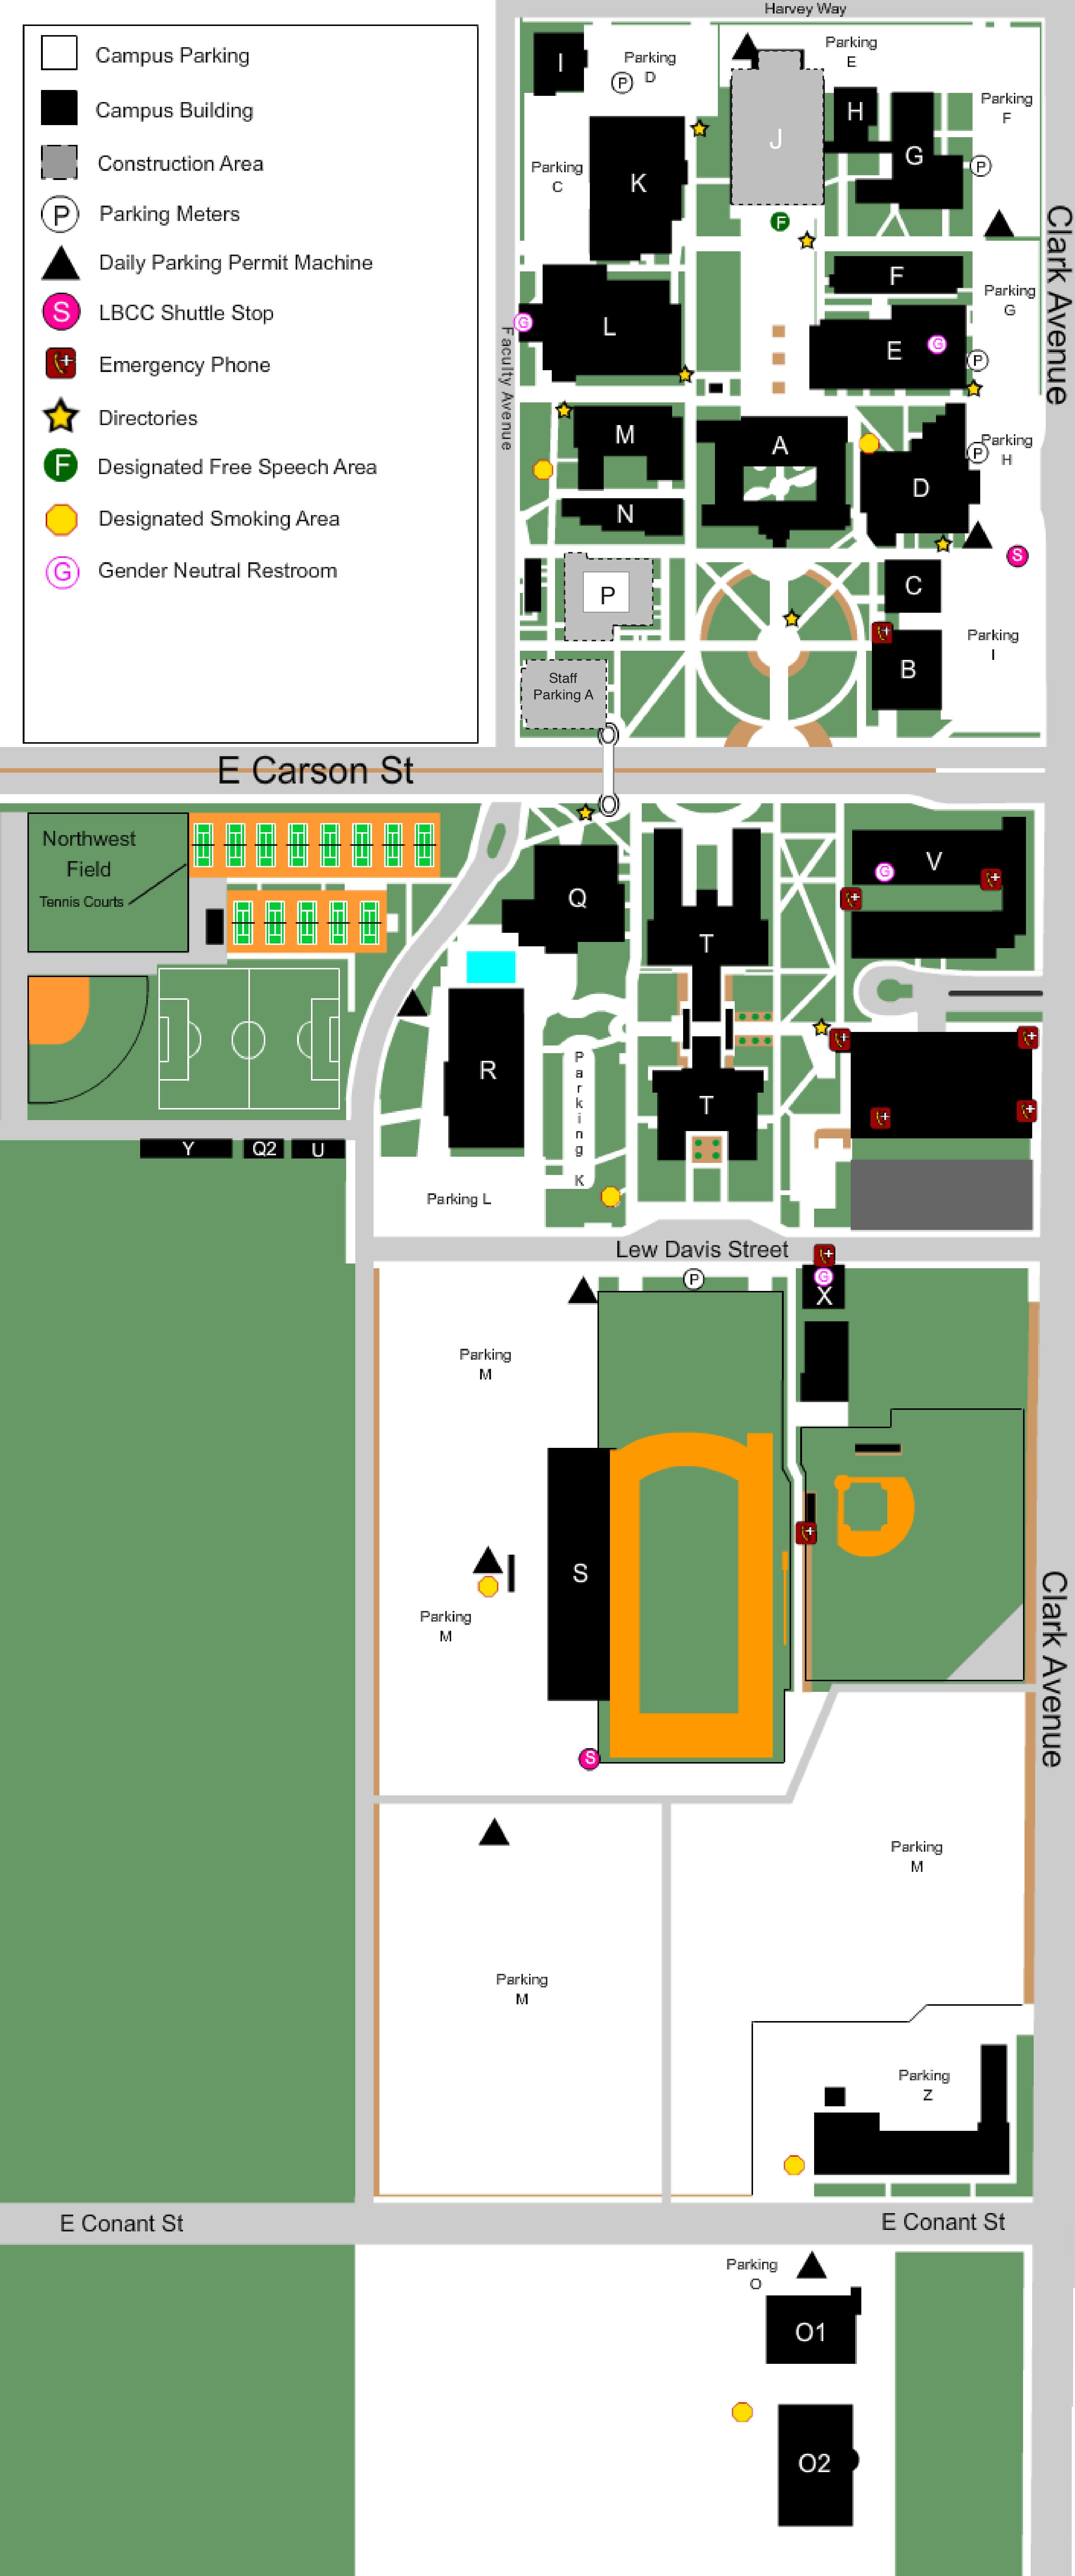 lbcc parking permit LBCC Maps